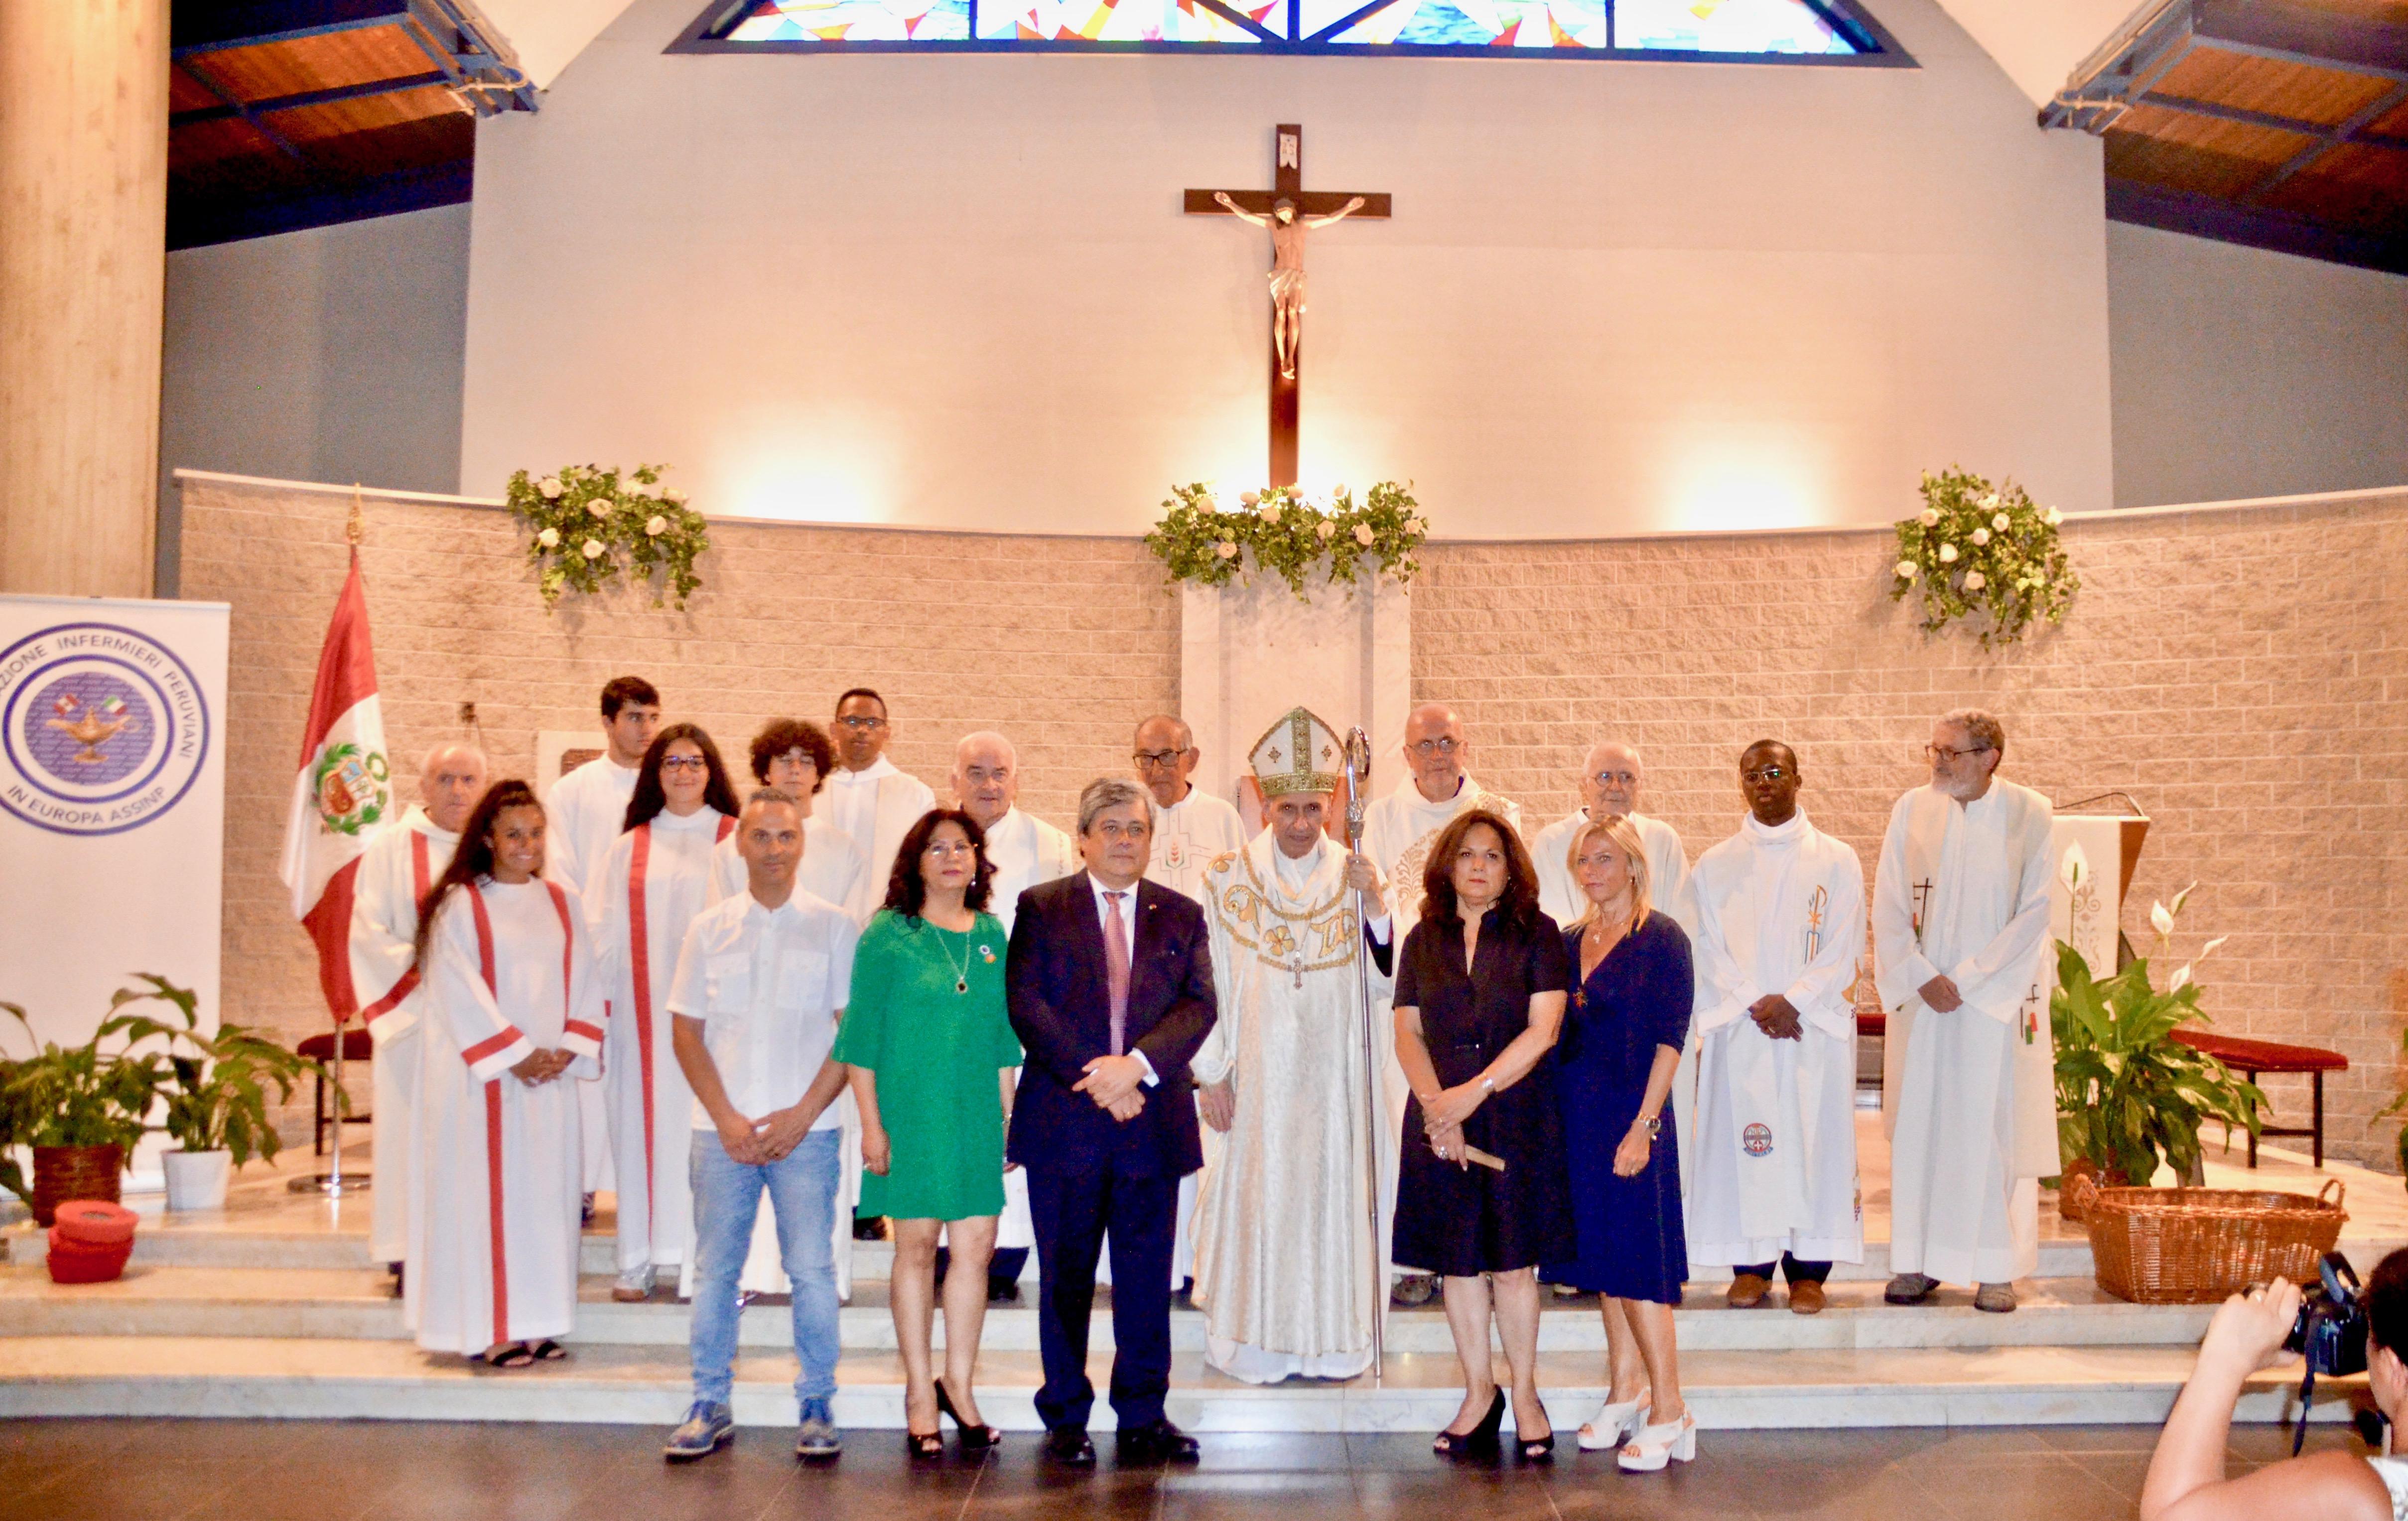 Infermieri Peruviani: a Torino si festeggia la Santa Patrona. Iniziativa dell'OPI.